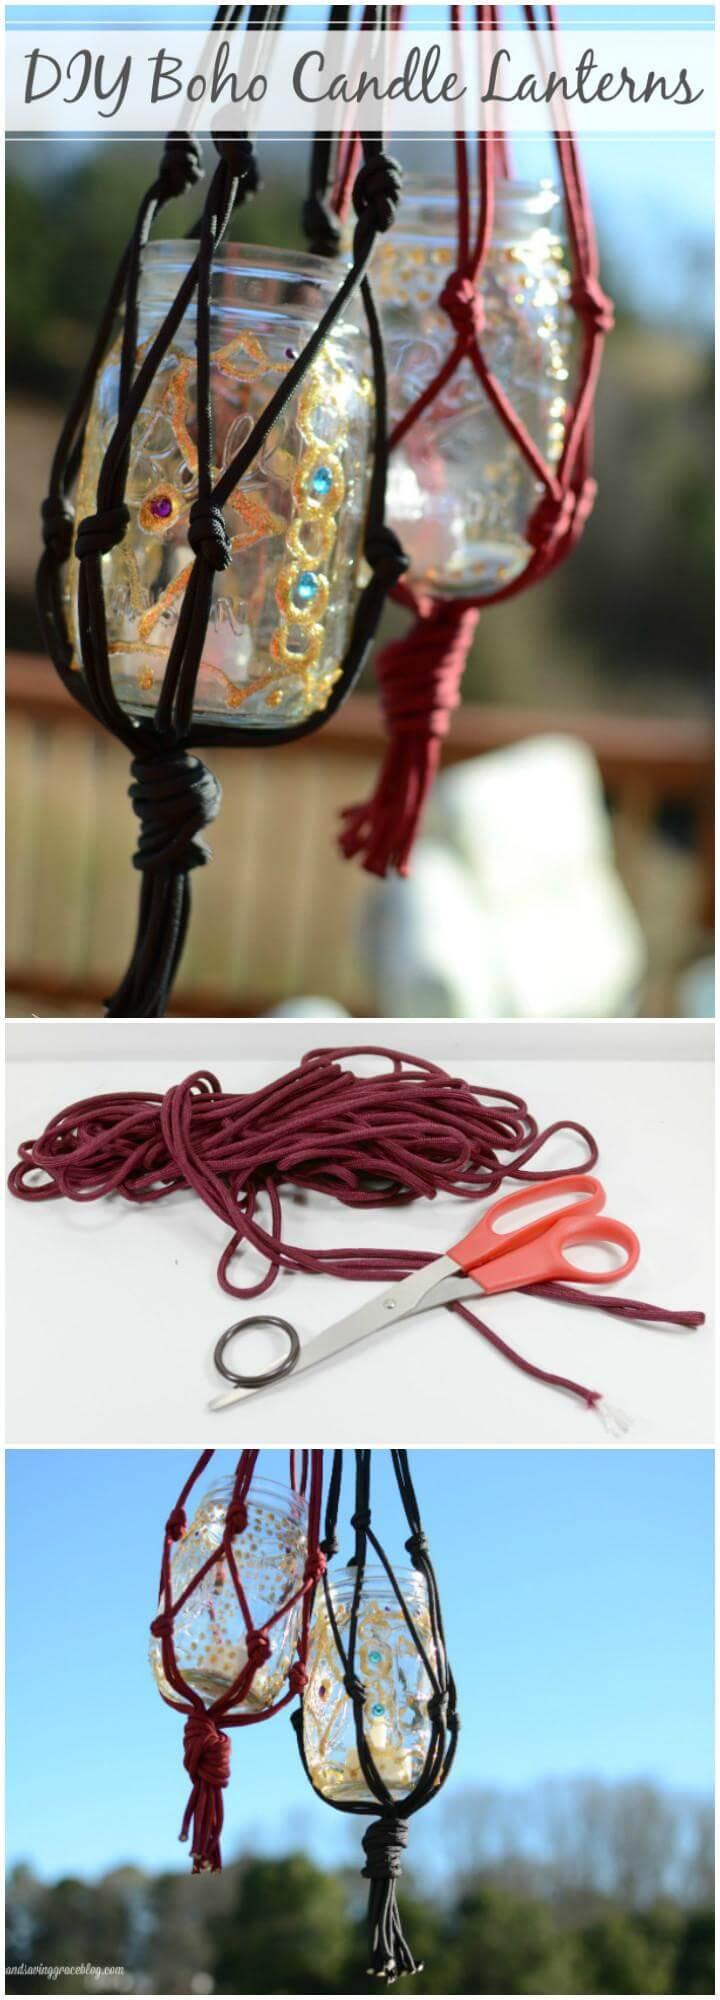 DIY Boho Macrame and Mason Jar Candle Lanterns